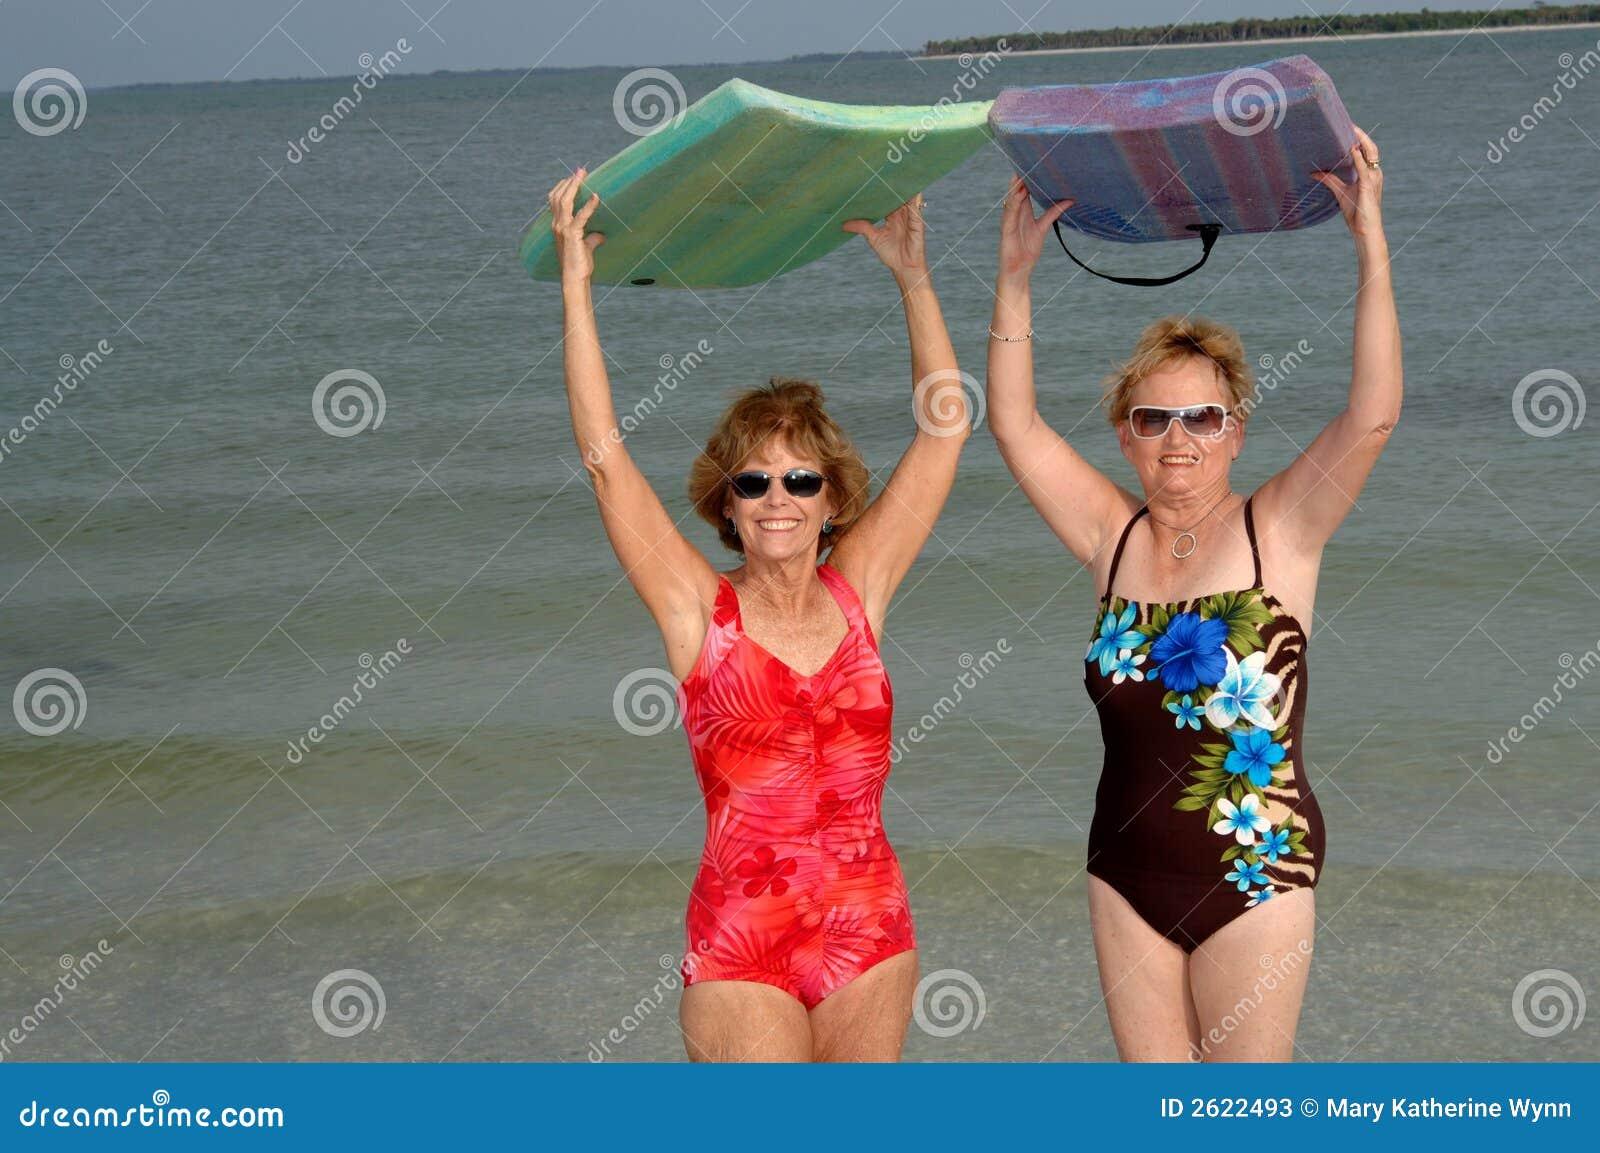 active mature women at beach stock photo 2622493 - megapixl